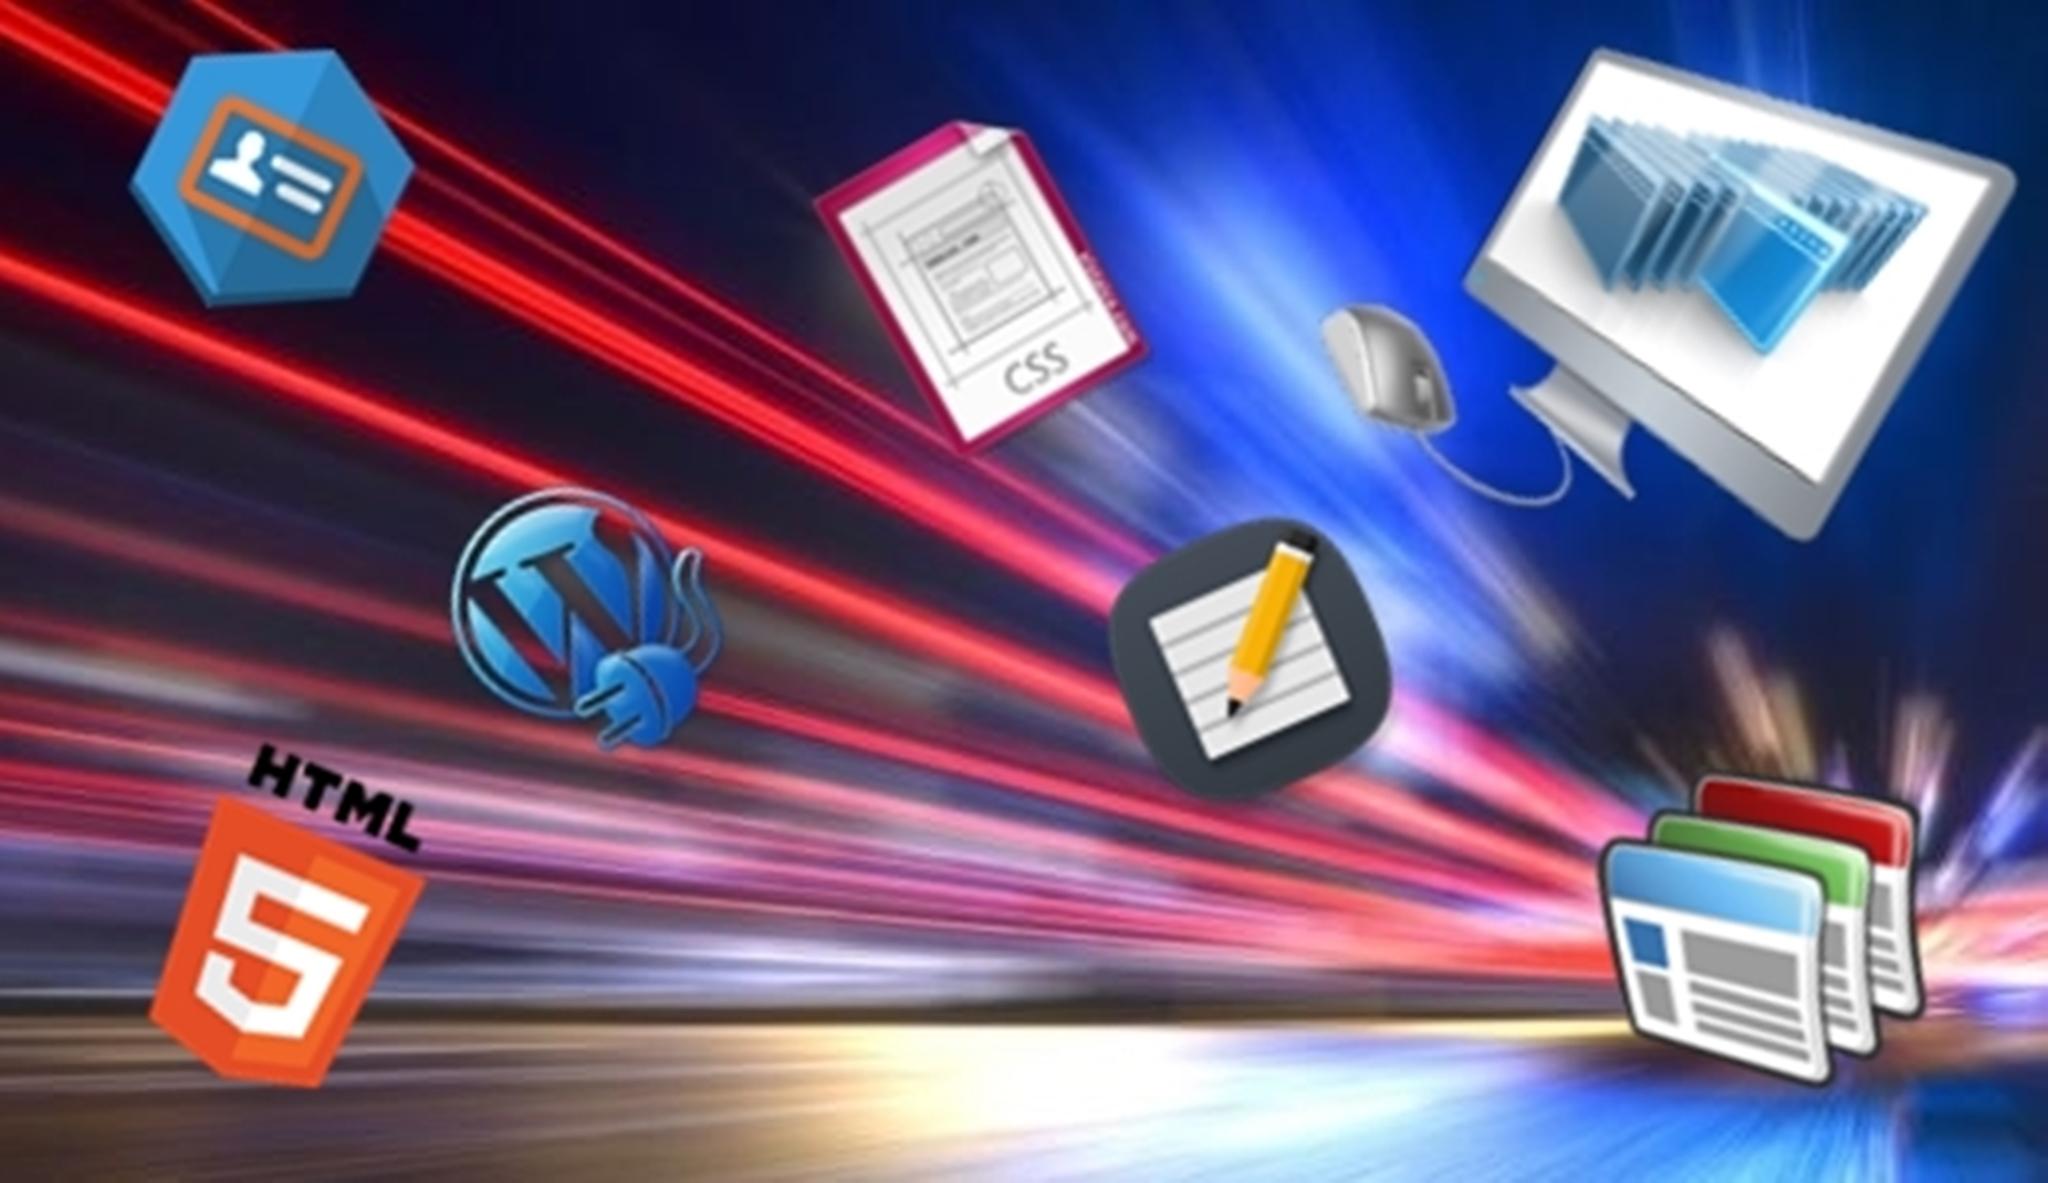 webdesign kennisbank header - Centrale Kennisbank